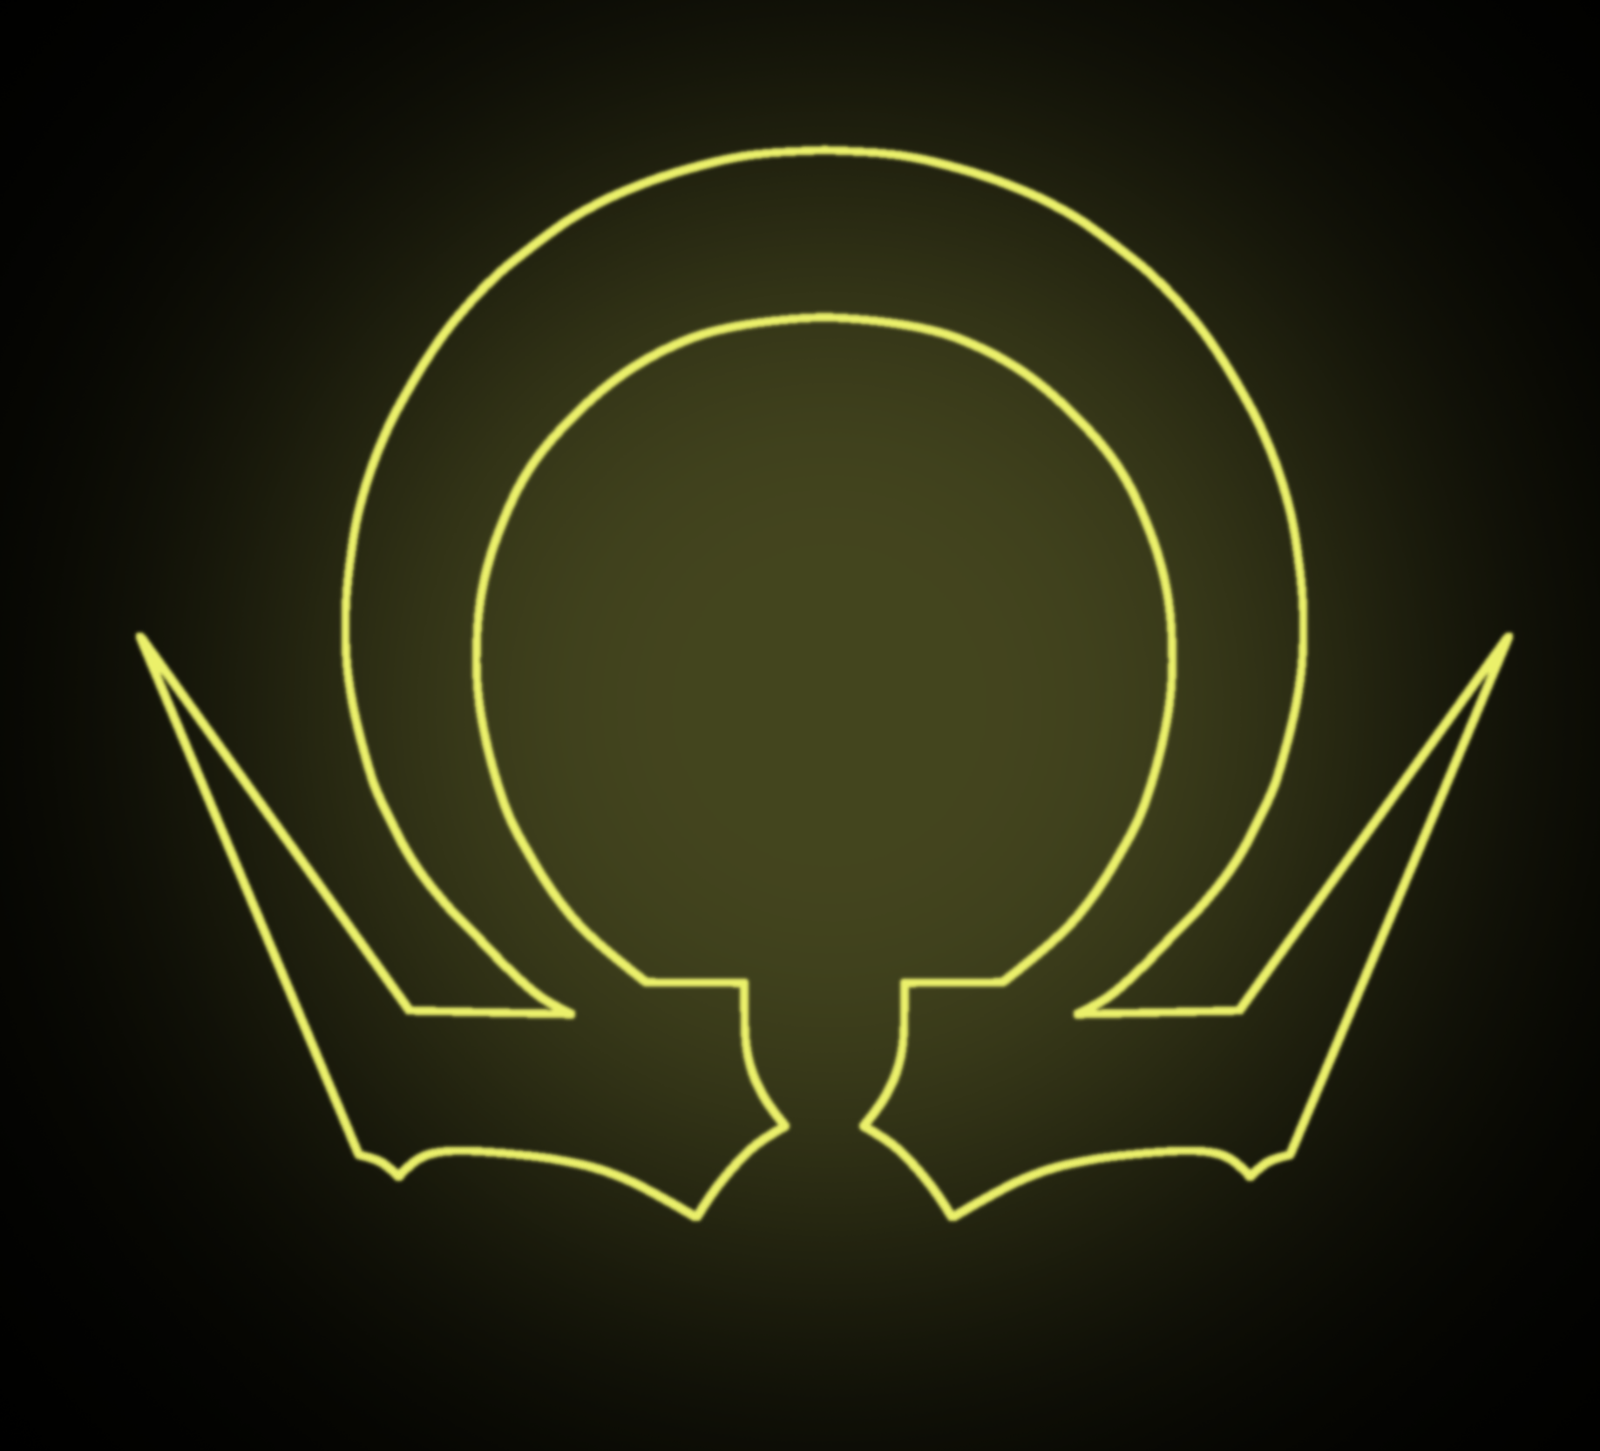 Saint Seiya Omega Logo Desain Logo Gambar